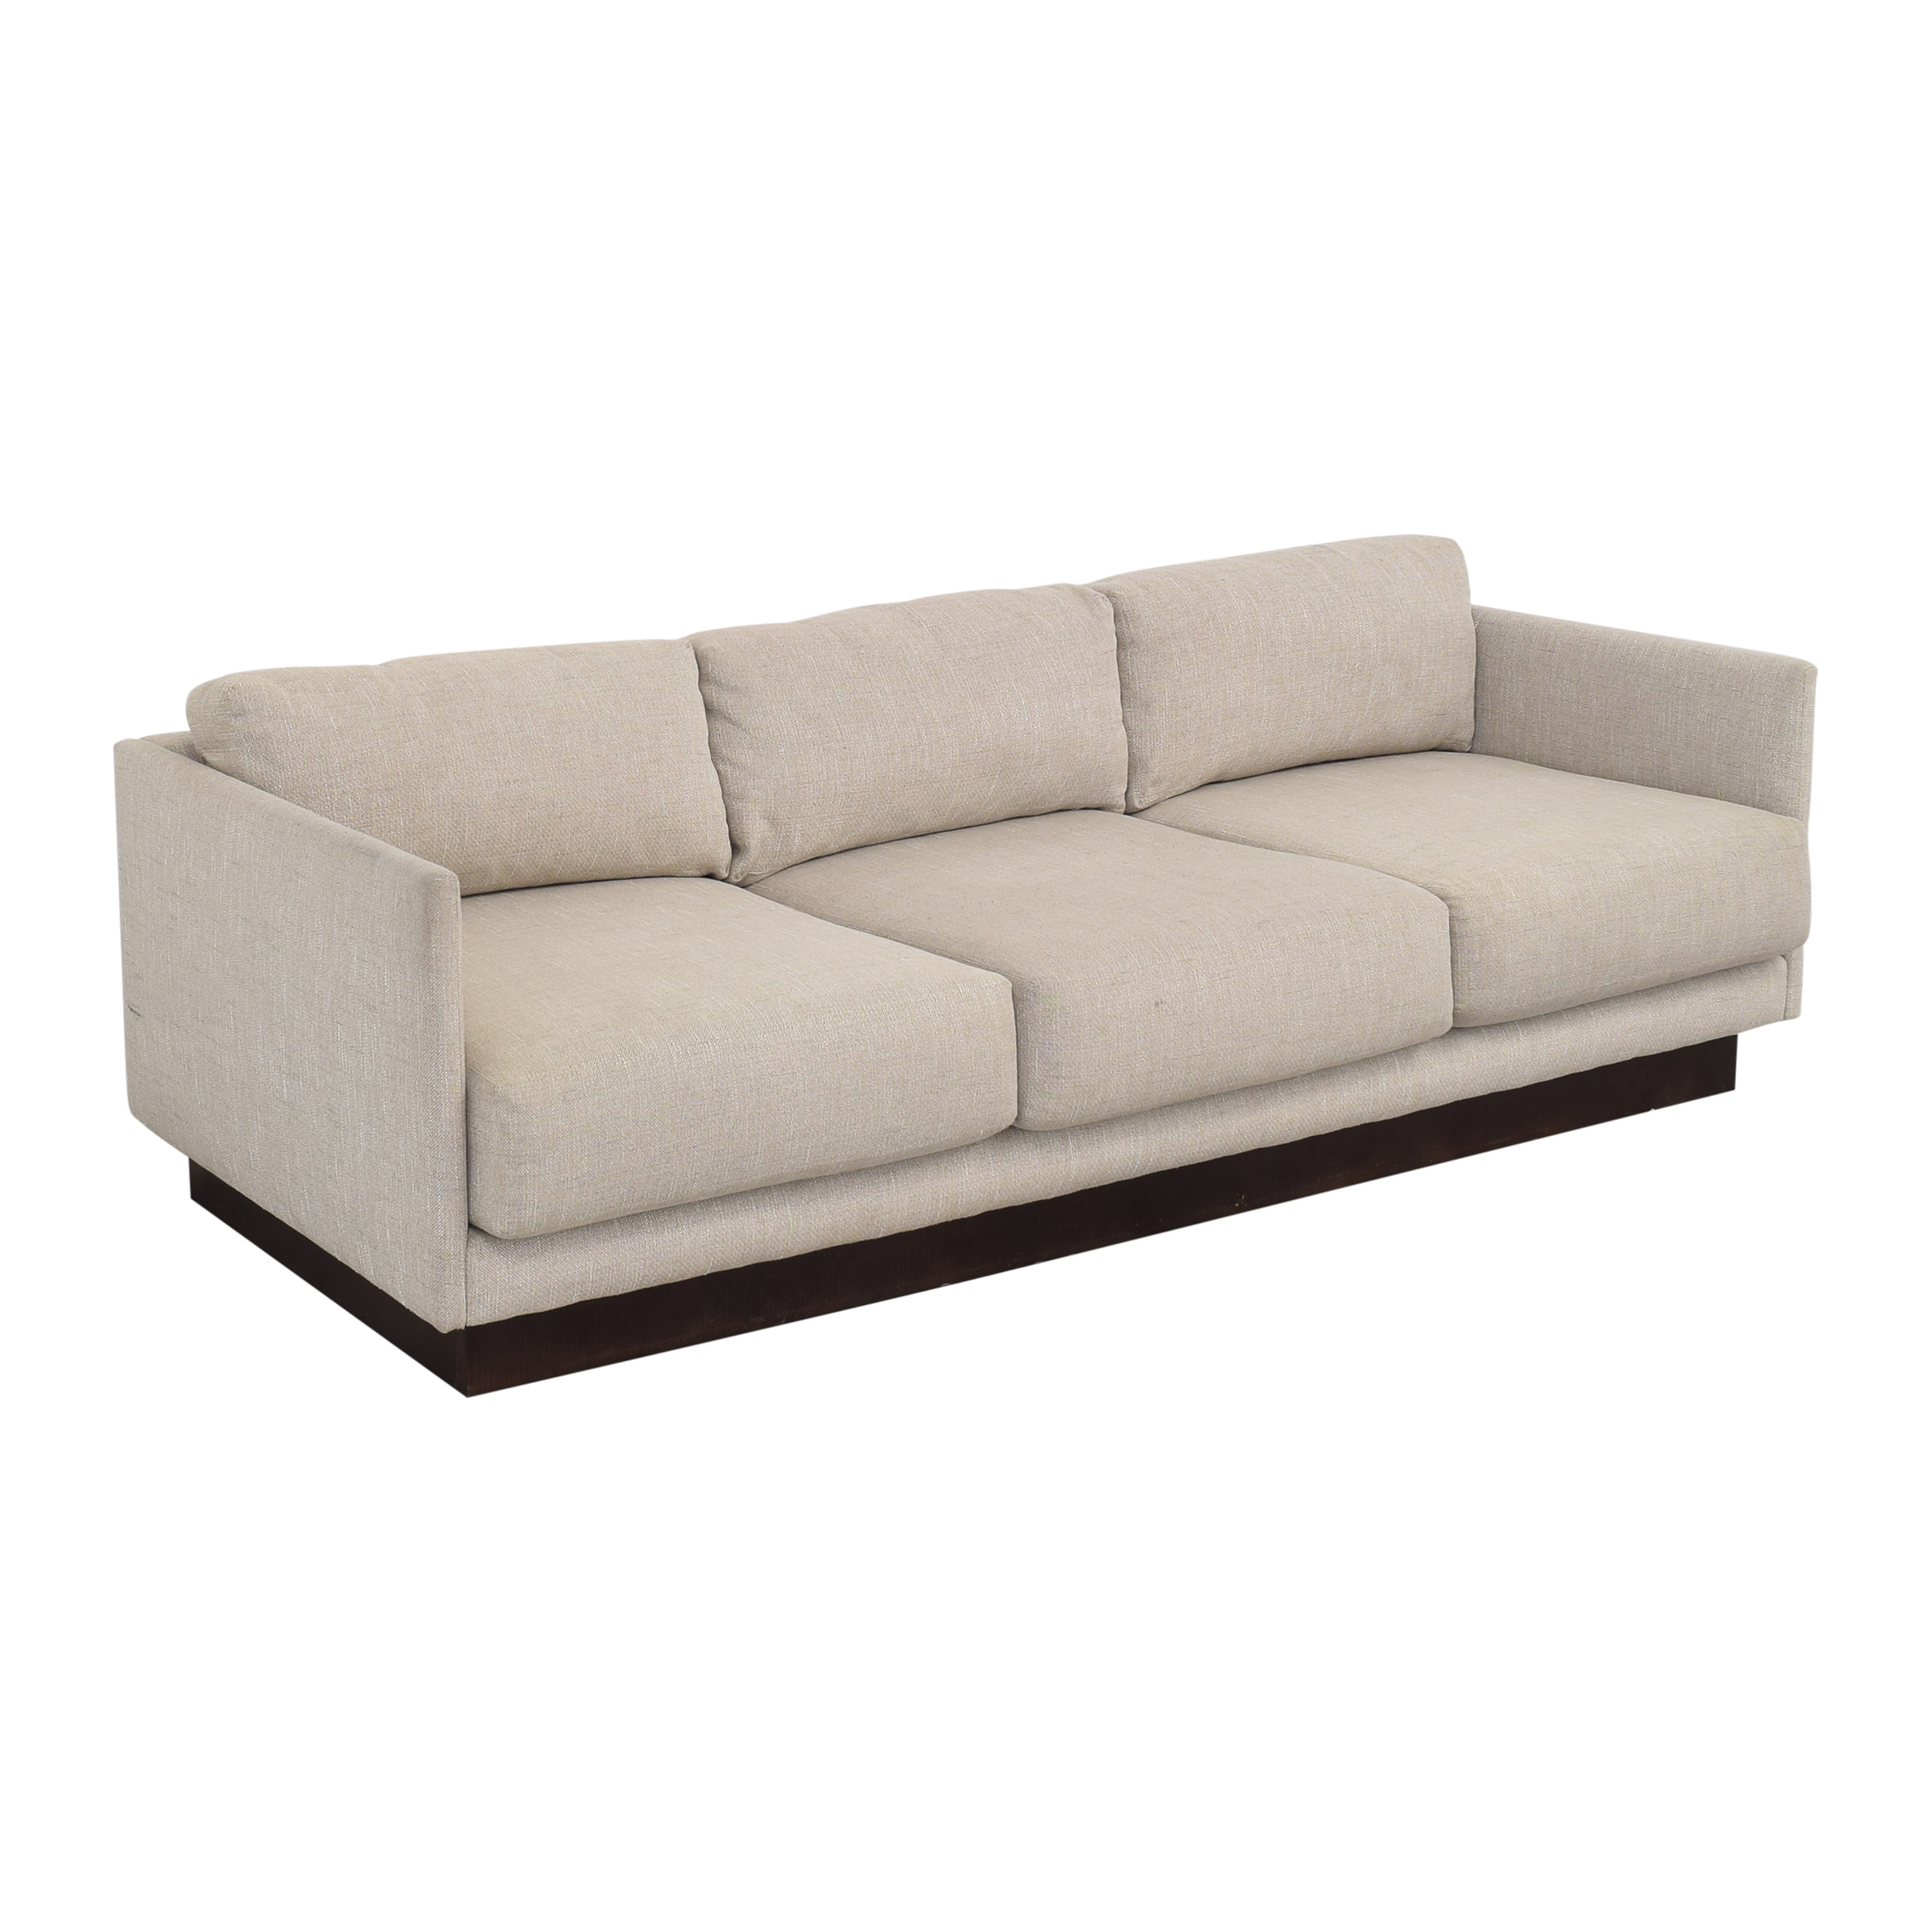 Mitchell Gold + Bob Williams Mitchell Gold + Bob Williams Three Cushion Sofa ct